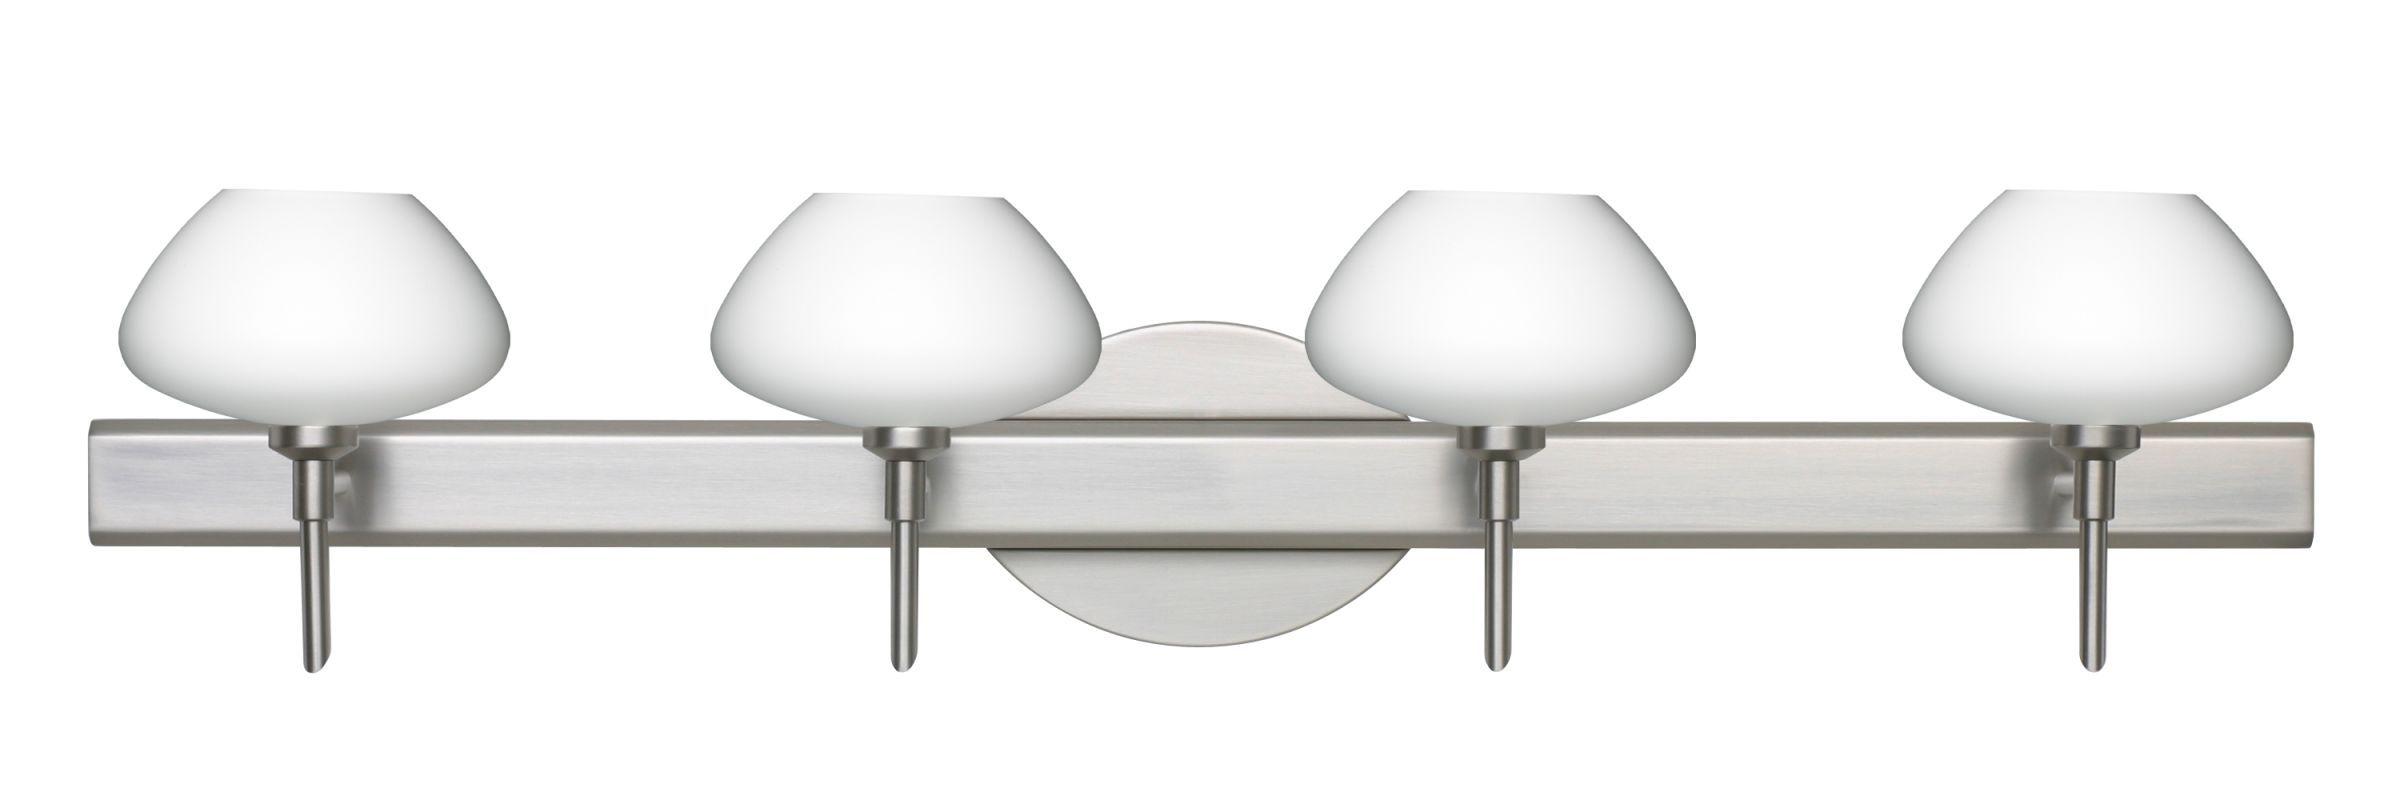 Besa Lighting 4SW-541007 Peri 4 Light Reversible Halogen Bathroom ...